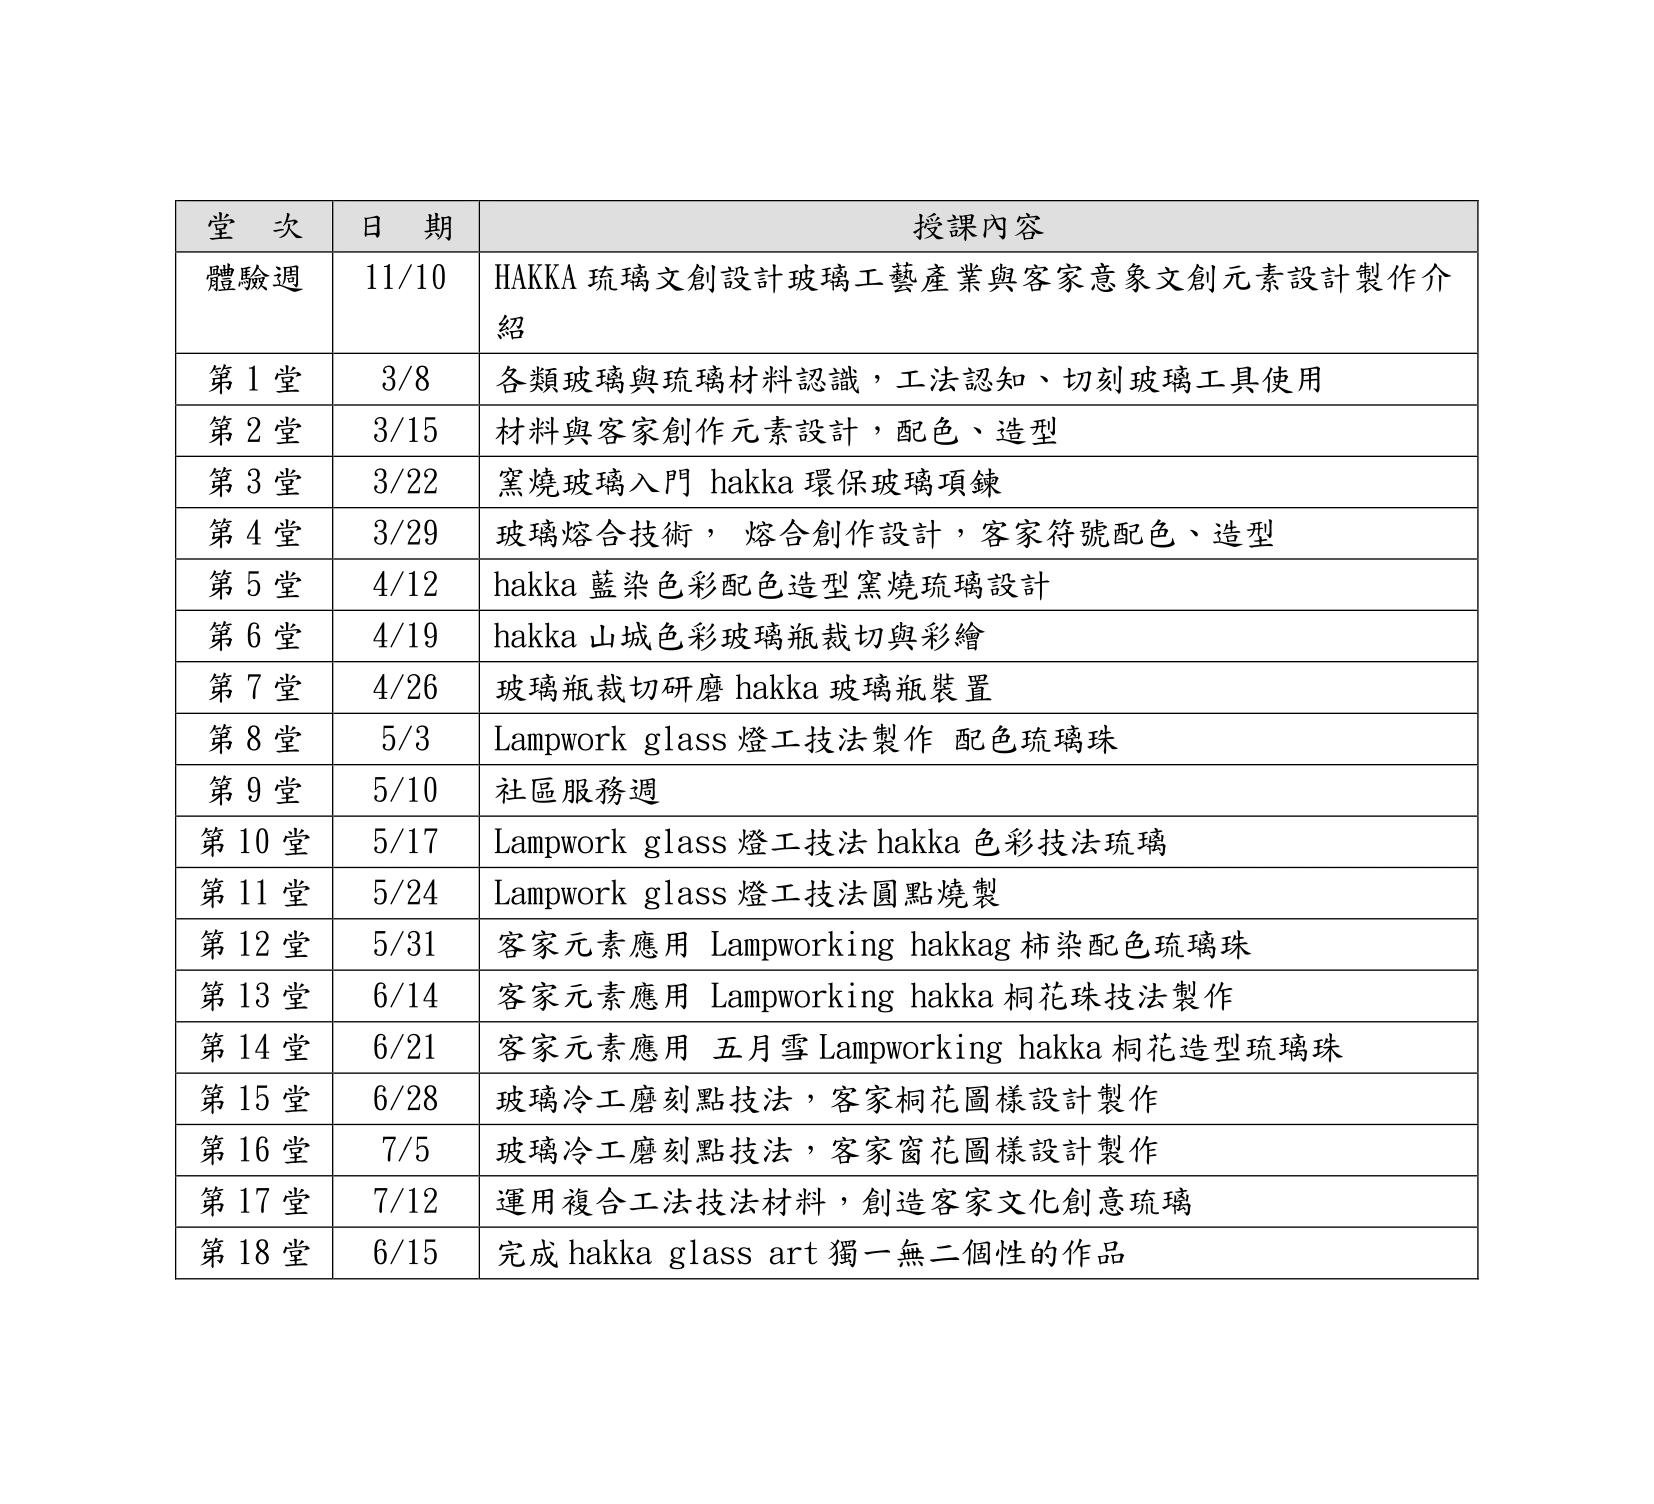 單堂課程表-12.png